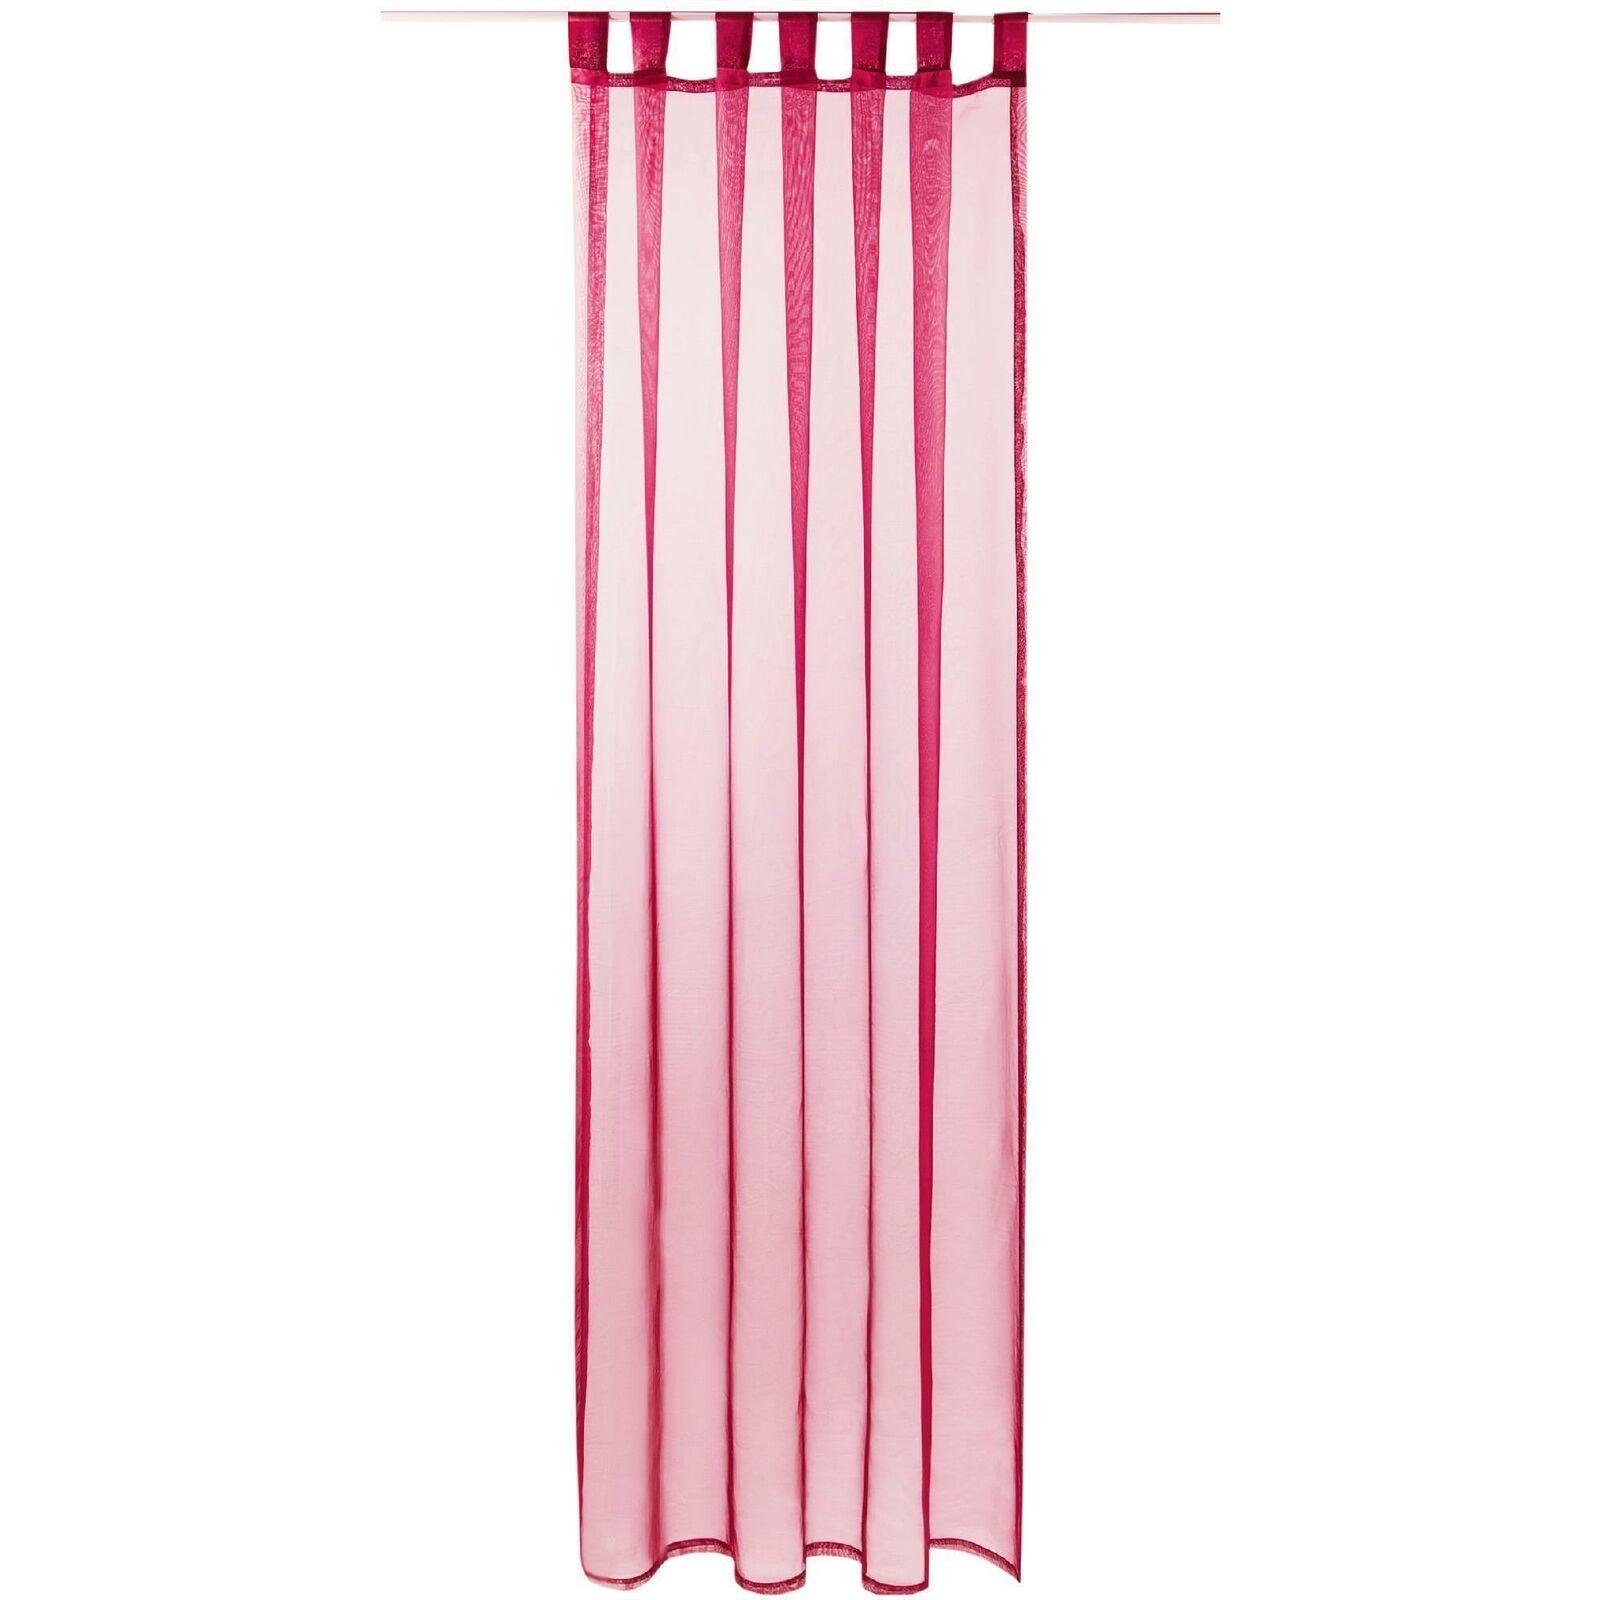 Schlaufenschal Vorhang mit Schlaufen Transparent Voile Uni Gardine große Auswahl pink - fuchsia